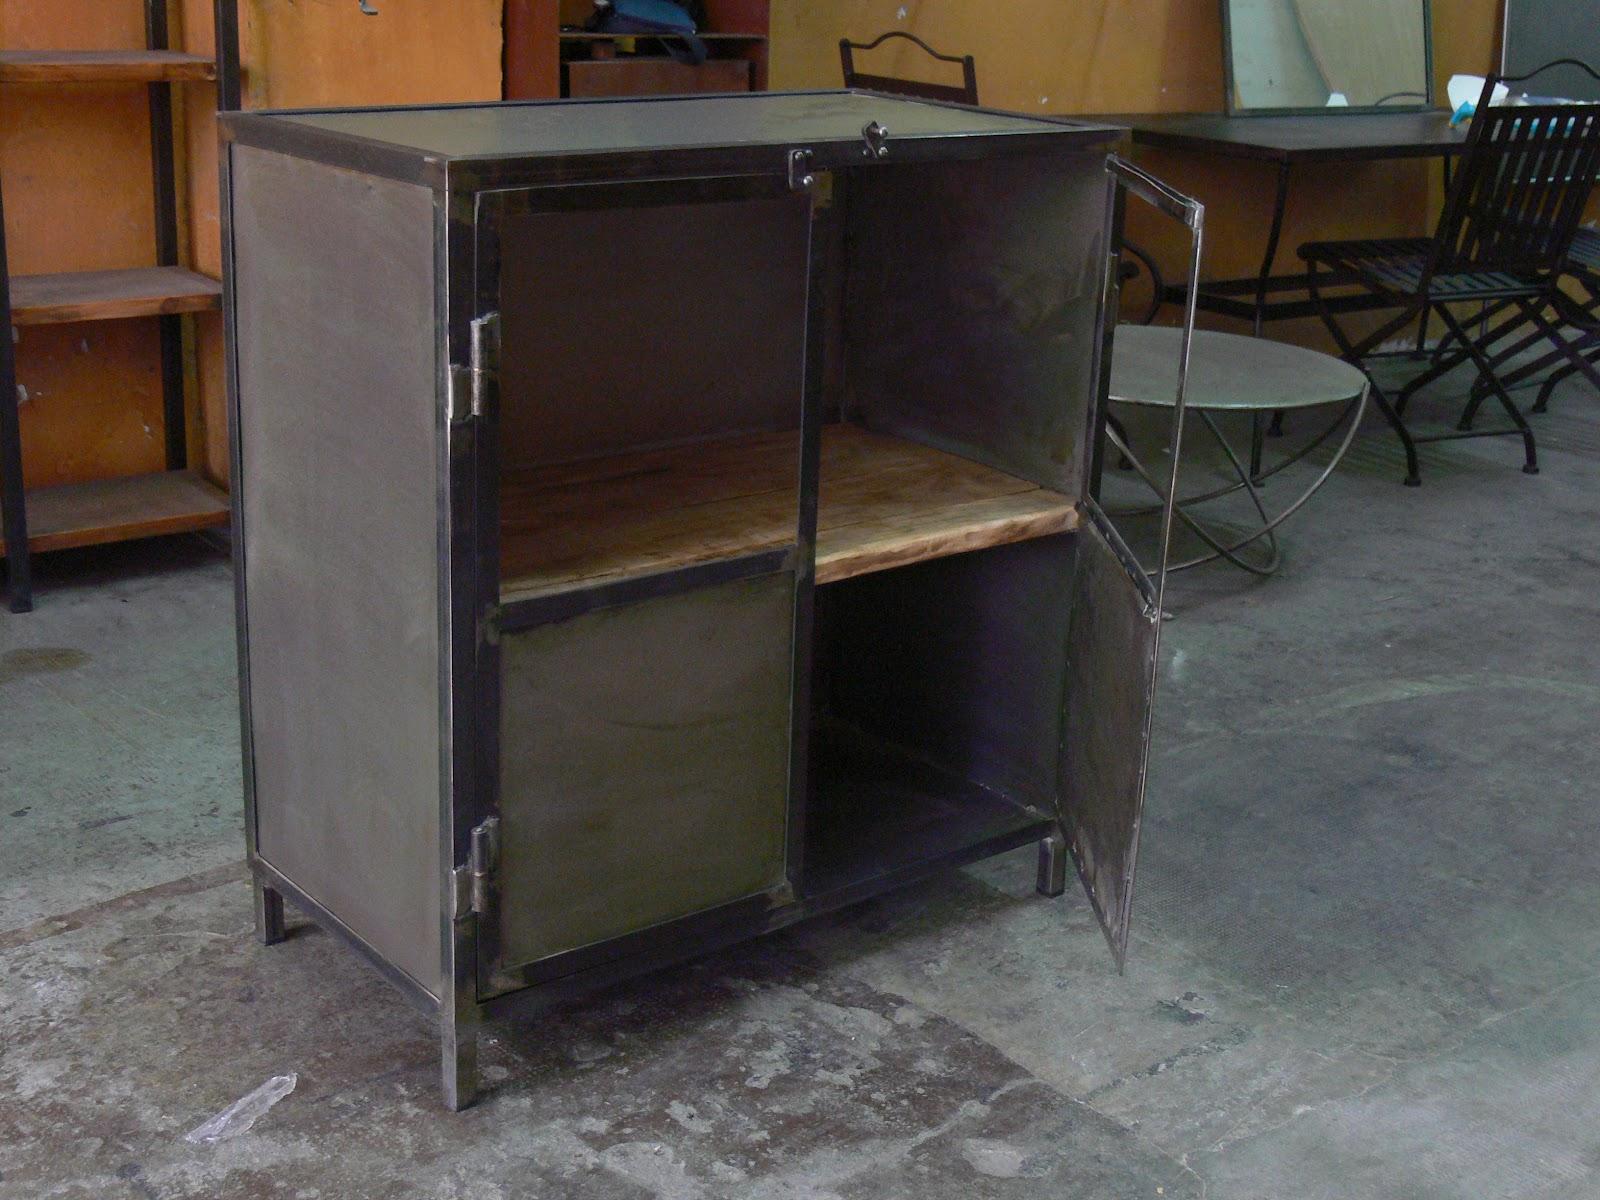 Muebles de estilo industrial y vintage en acero y madera  Mesas y